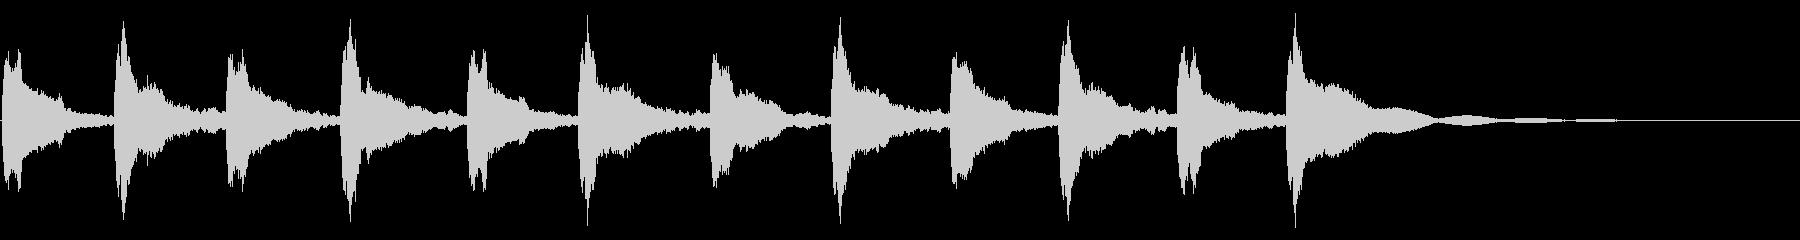 メルトンチャーチベル5:リンギングの未再生の波形